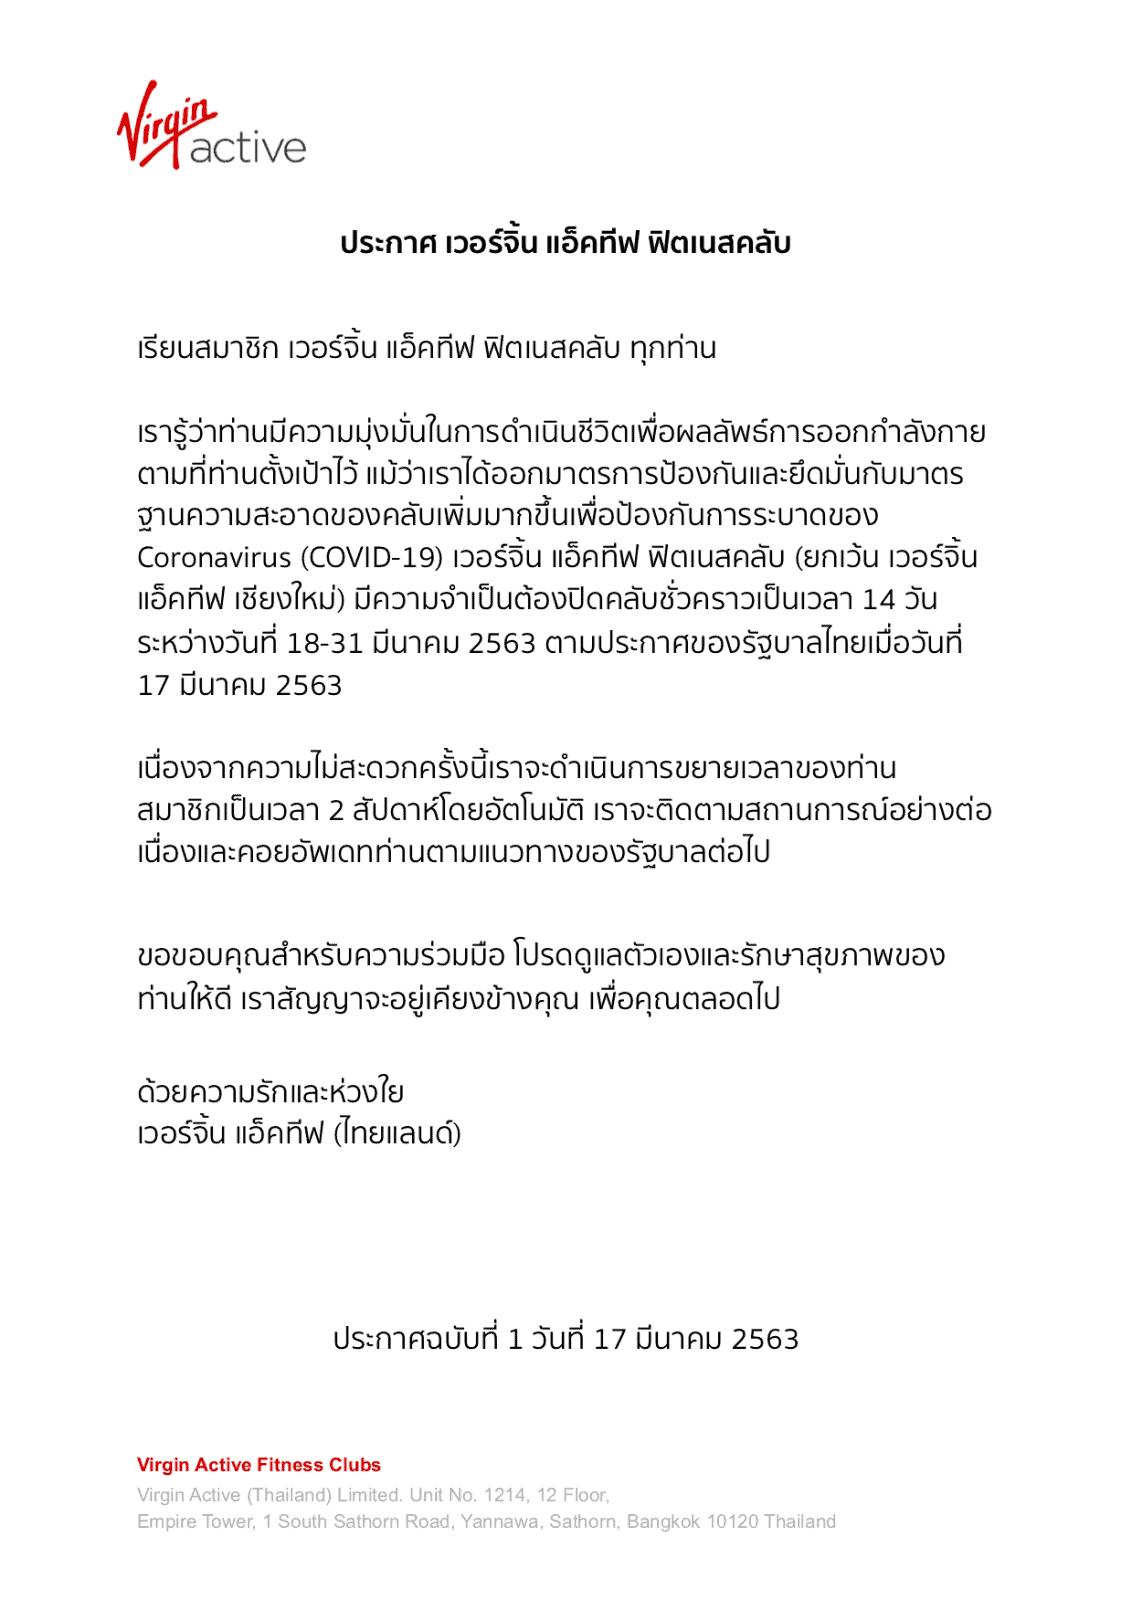 Virgin Active Fitness (วอร์จิ้น แอ็คทีฟ ฟิตเนสคลับ) ปิดบริการชั่วคราว 18-31 มี.ค.63